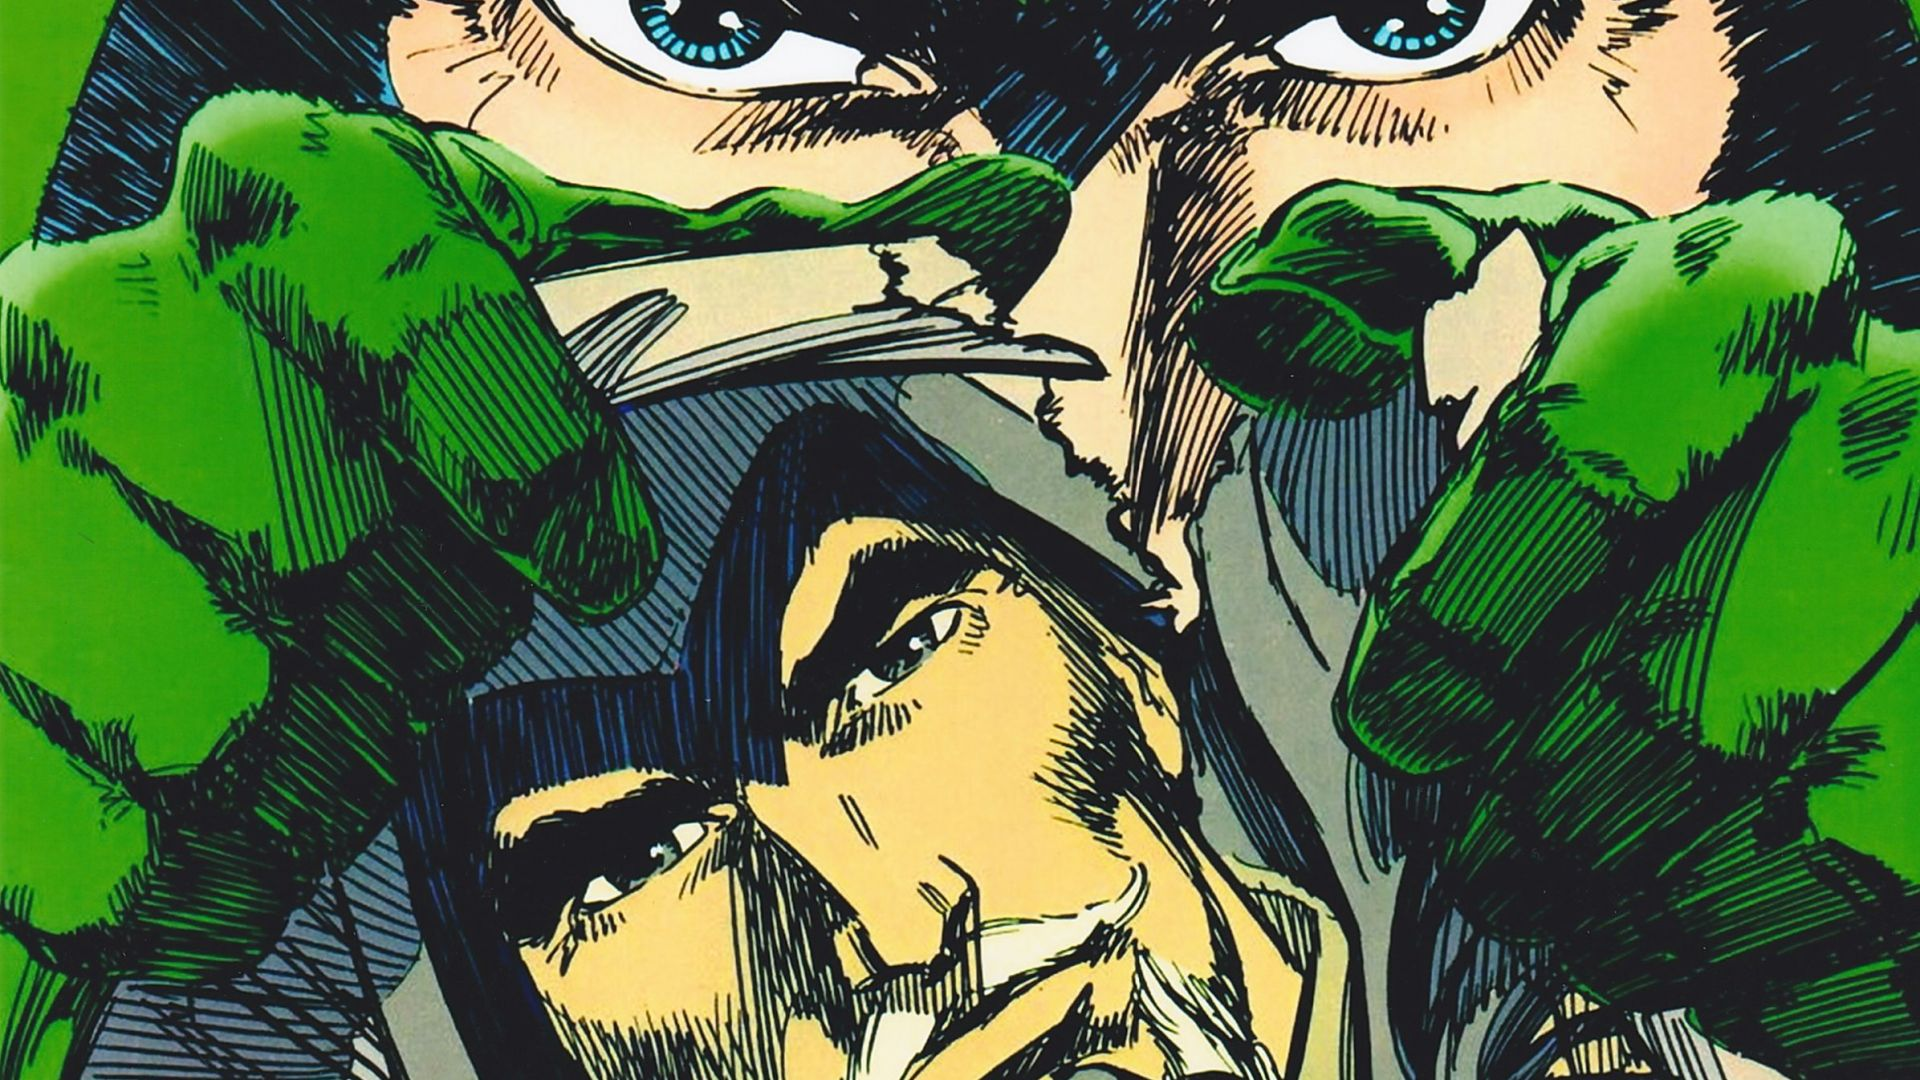 Superhero Green Arrow Dc Comics Wallpaper